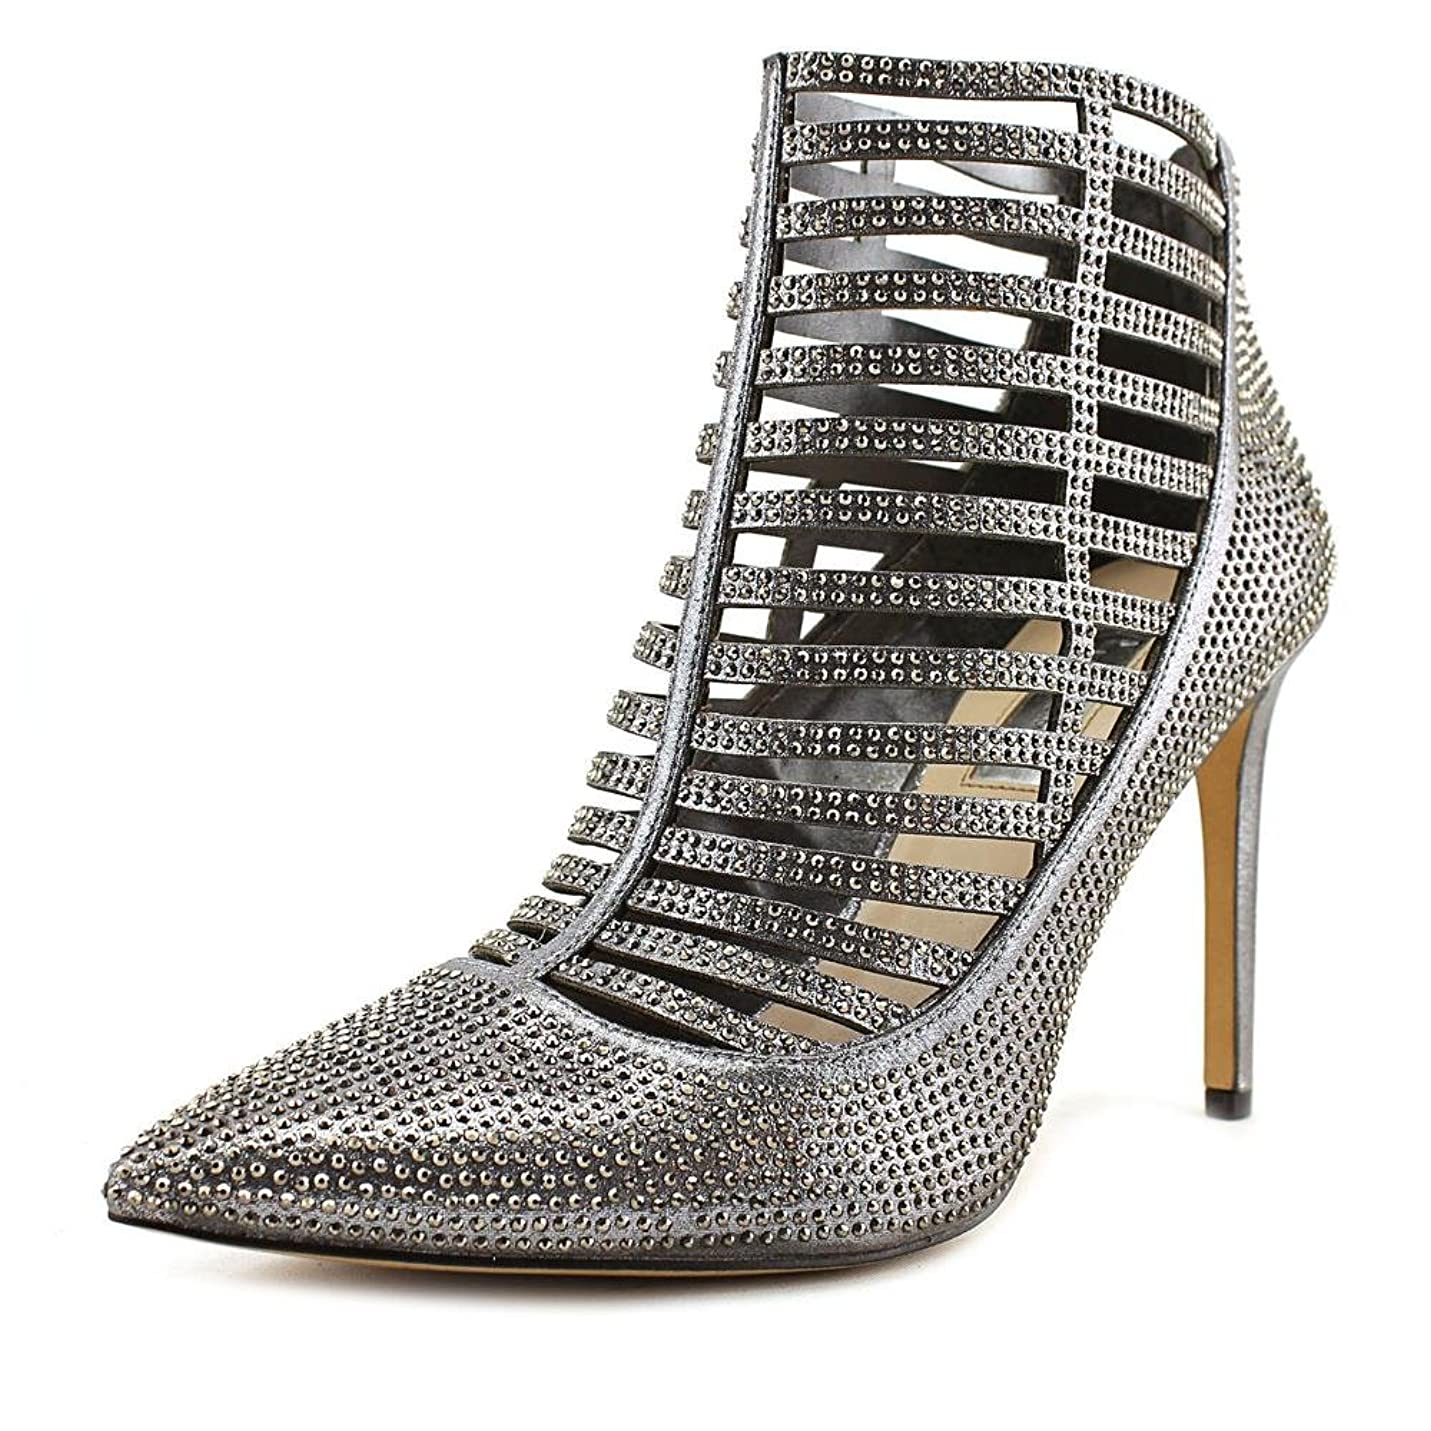 危険マンモス奇跡的なINC International Concepts Womens Pointed Toe Fashion Boots